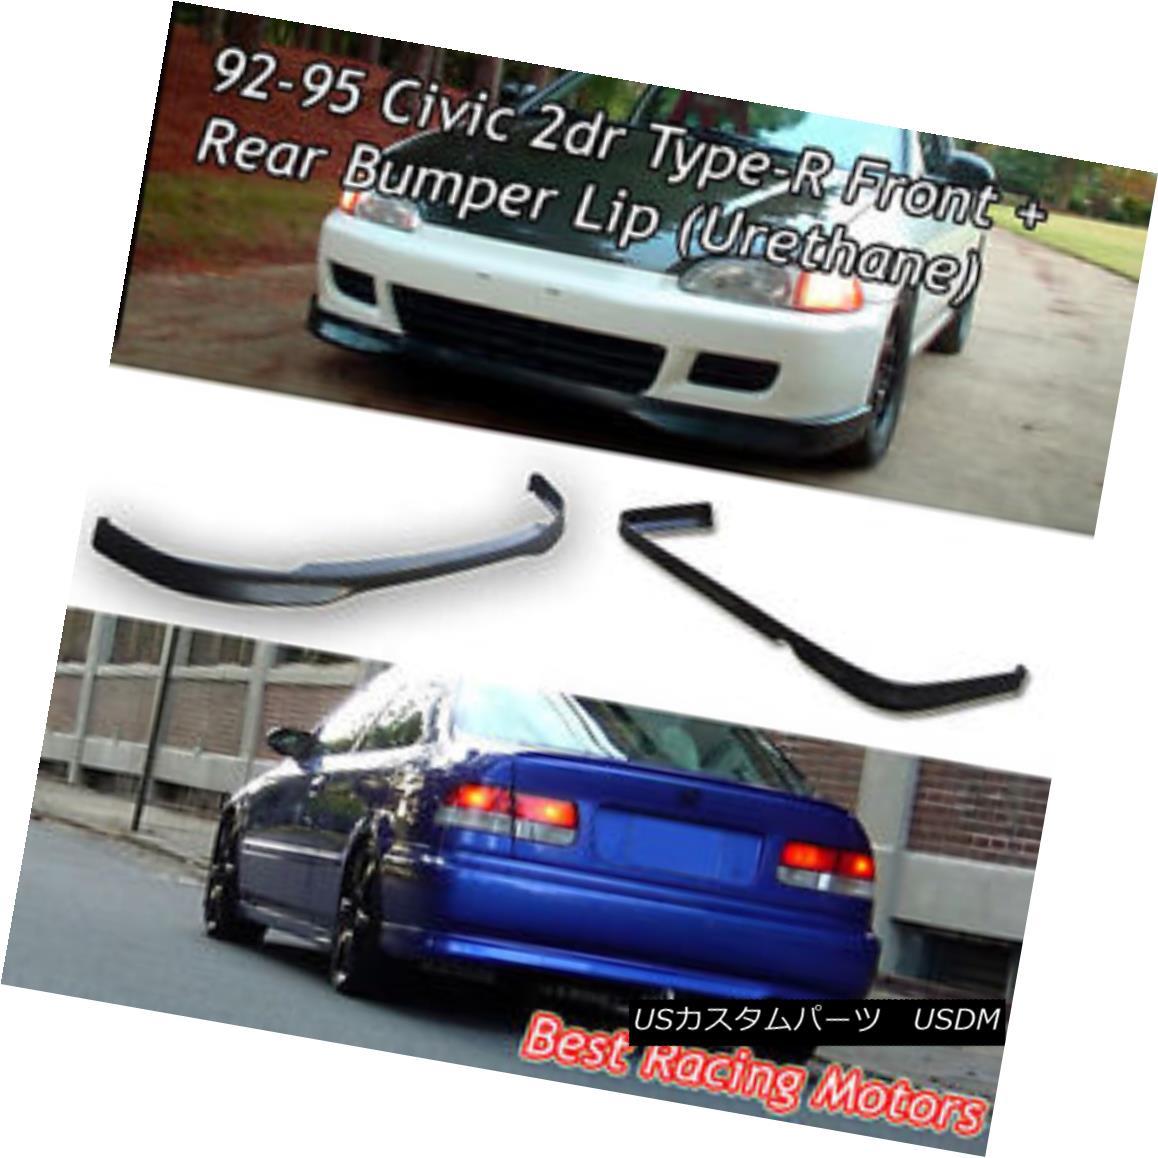 エアロパーツ TR Style Front Lip + TR Style Rear Bumper Lip (Urethane) Fit 92-95 Civic 2dr TRスタイルフロントリップ+ TRスタイルリアバンパーリップ(ウレタン)フィット92-95シビック2dr